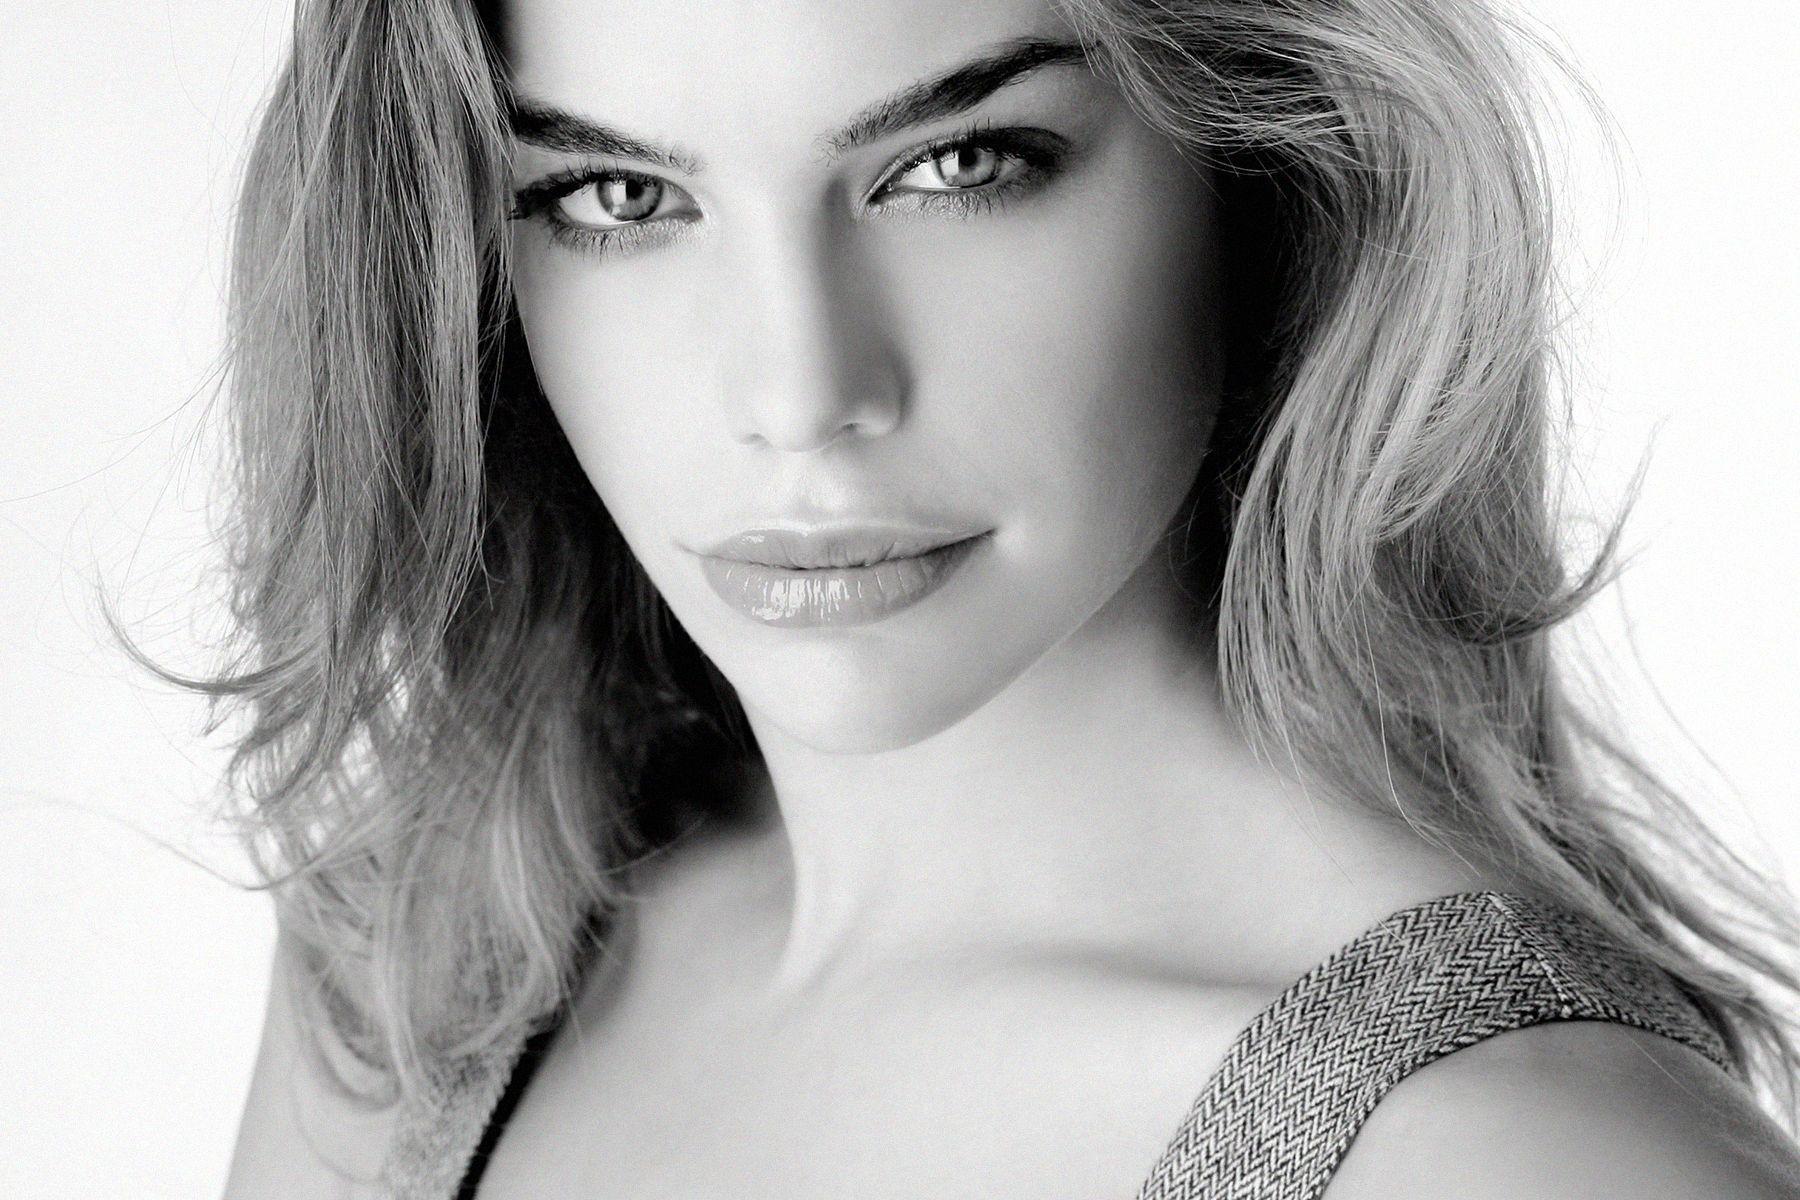 Michonne Bourriague